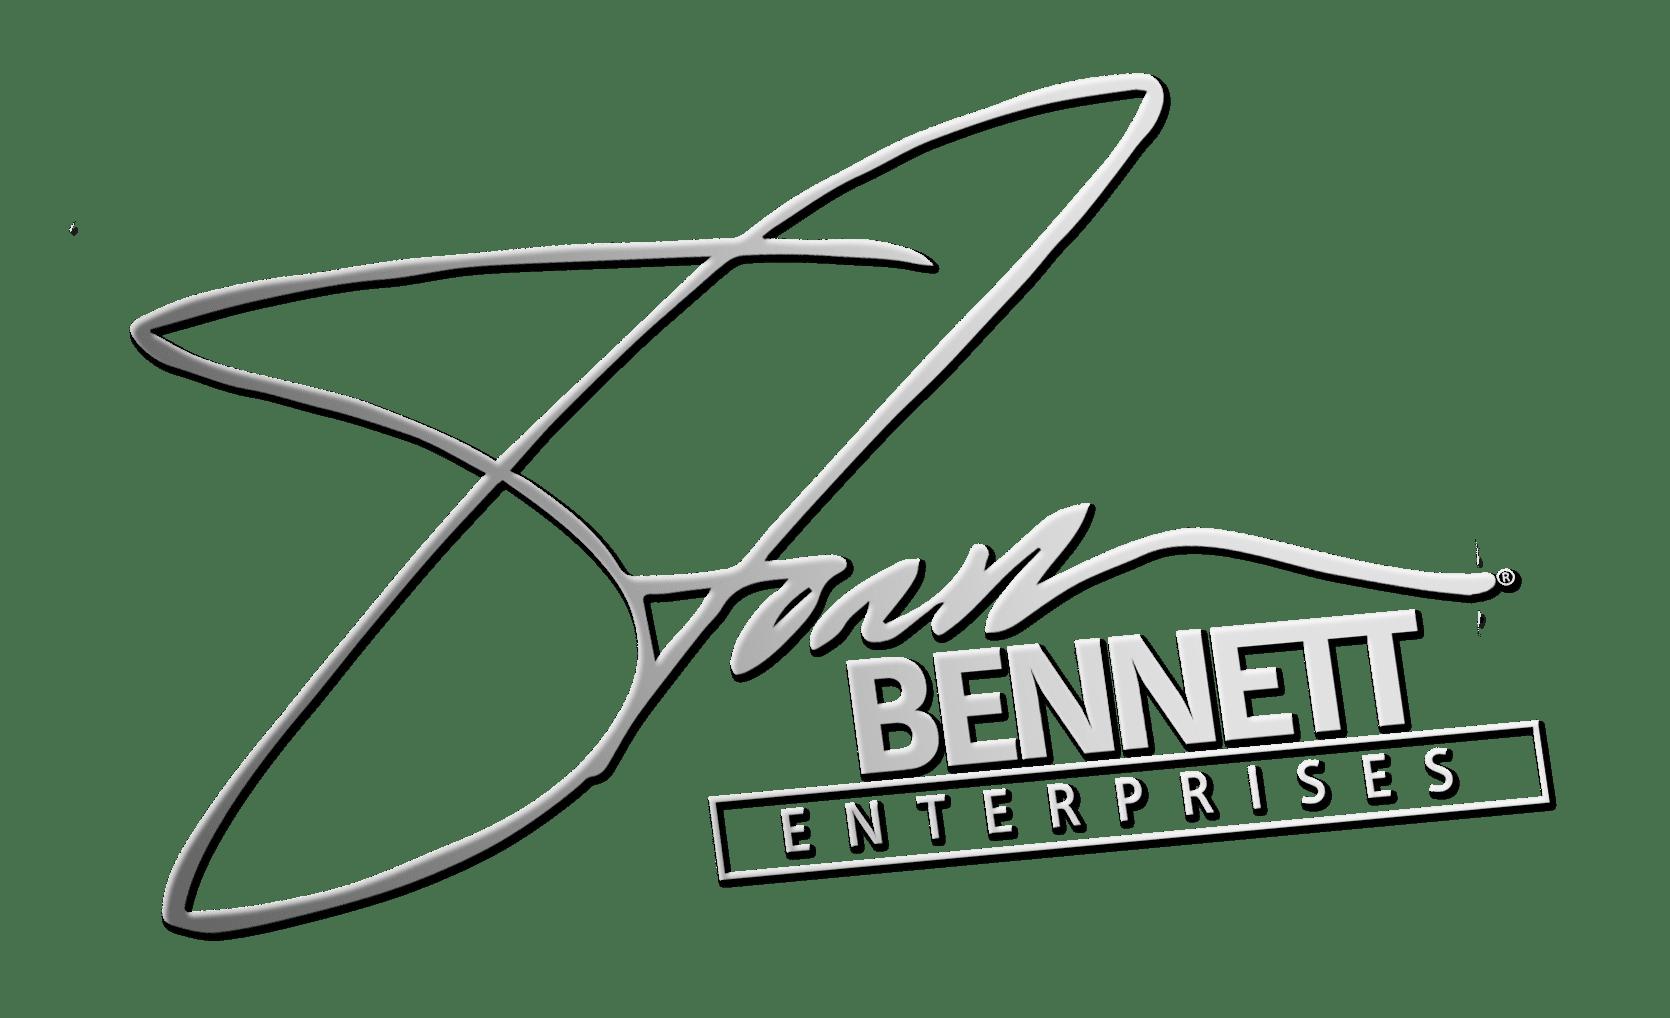 Storm Bennett